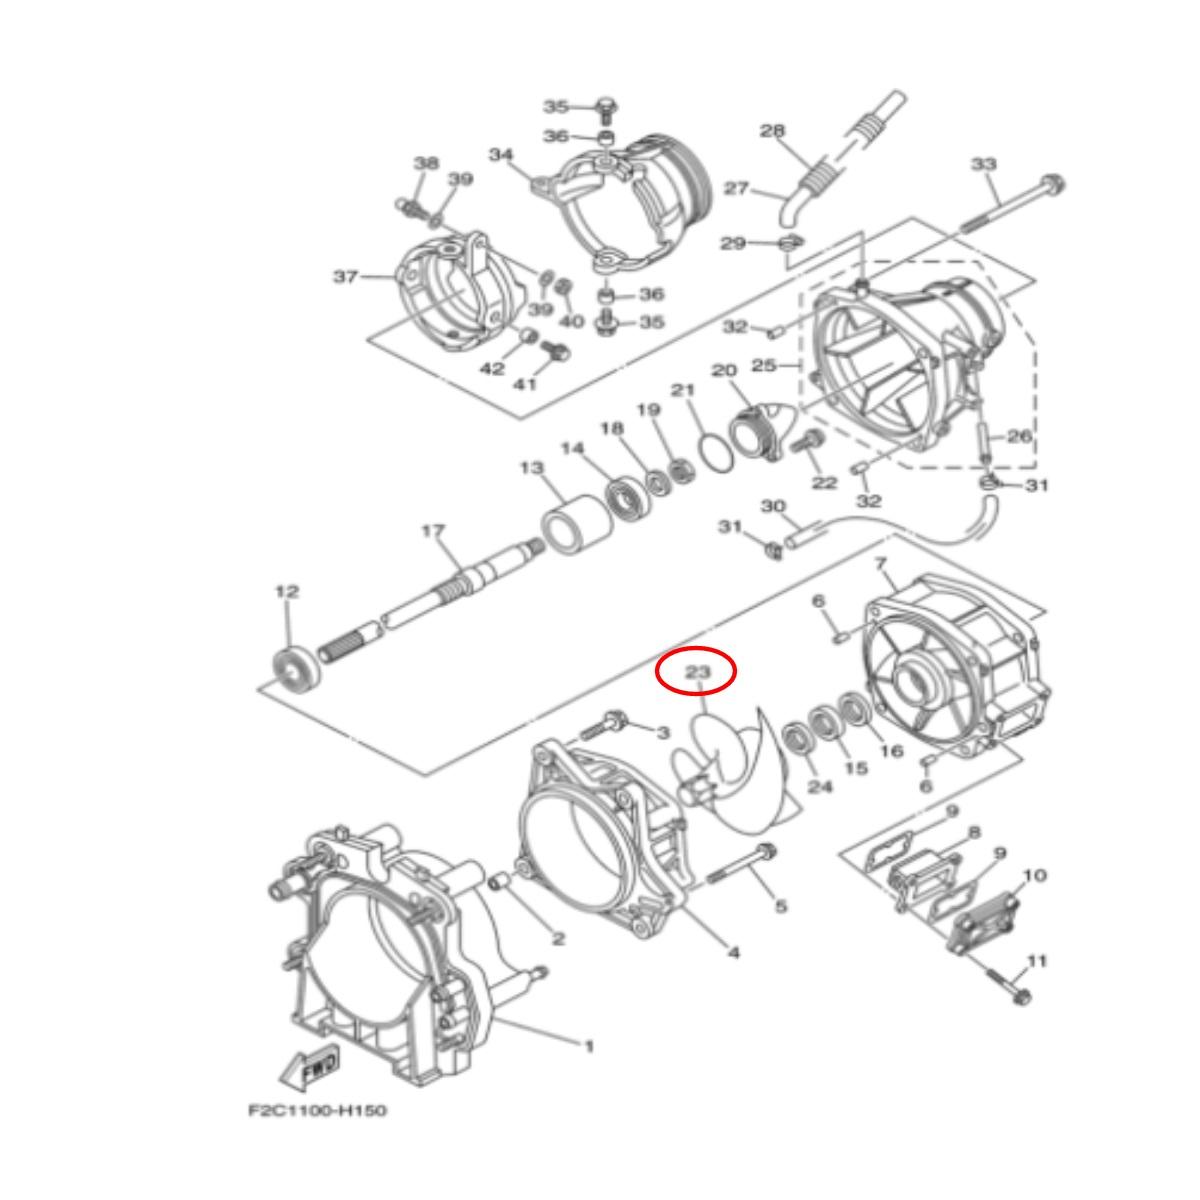 Hélice Solas para Jet Ski Yamaha Fzr/Fzs/Fx sho 155mm 14/21  - Radical Peças - Peças para Jet Ski